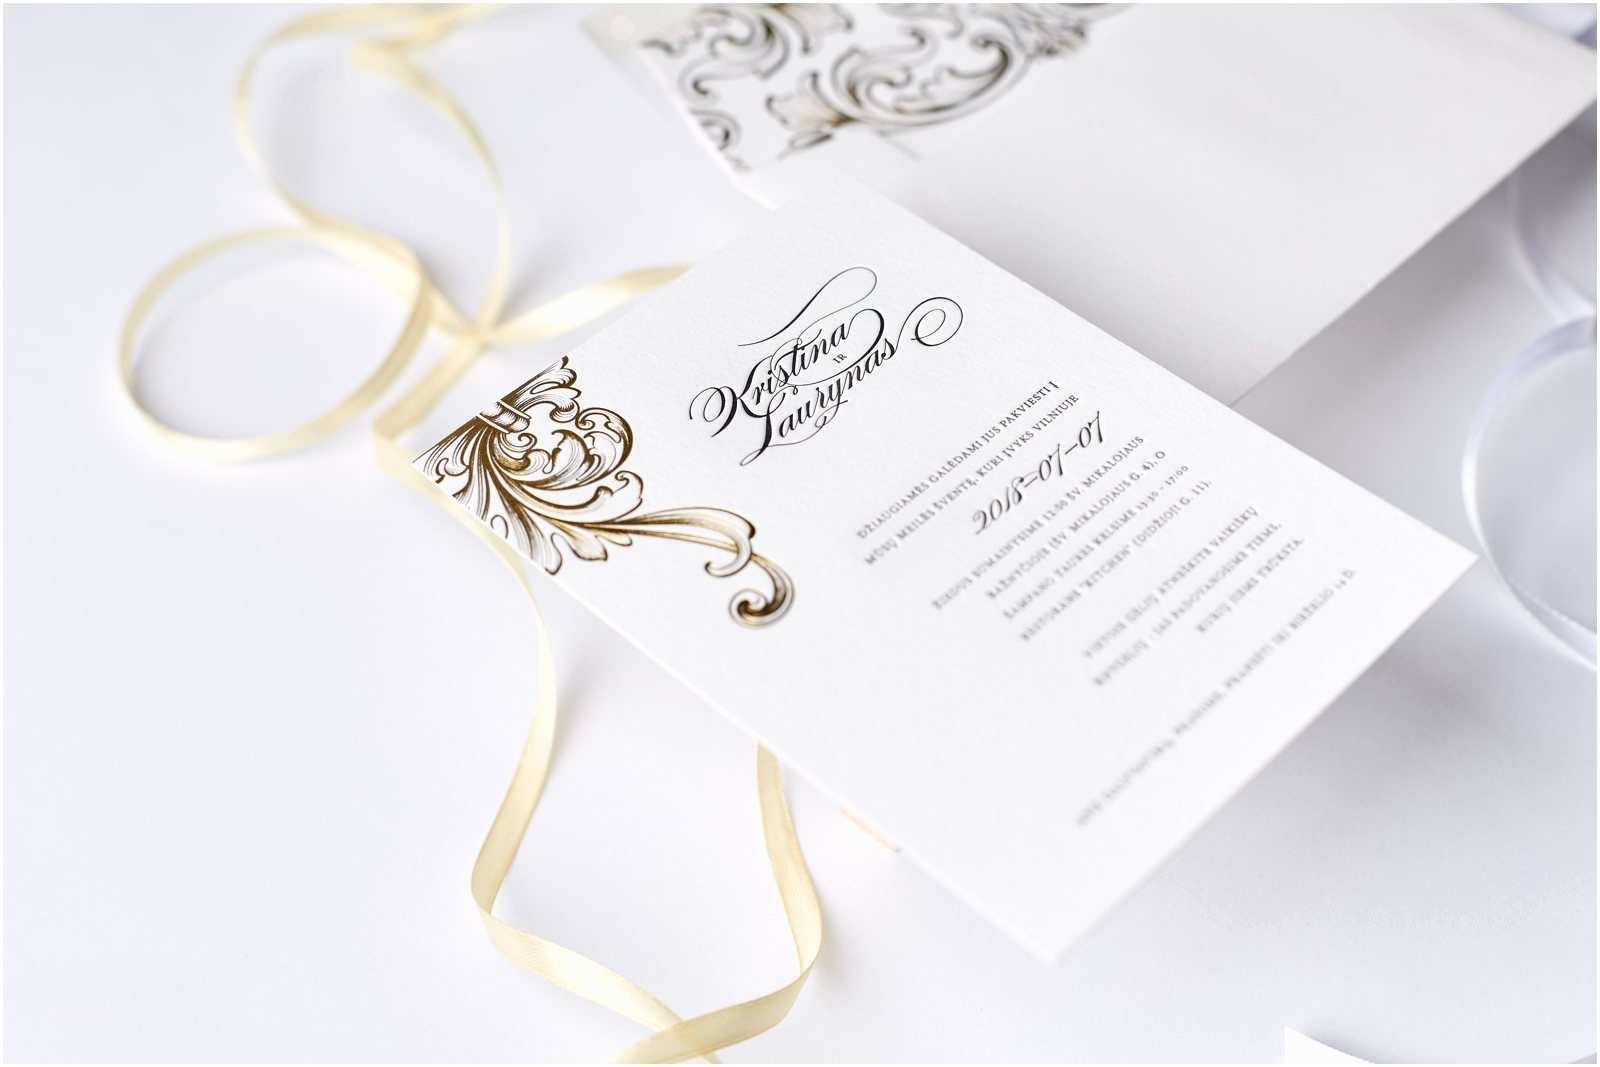 Wedding Invitation Cost Estimate Victorian Style Letterpress Wedding Invitations